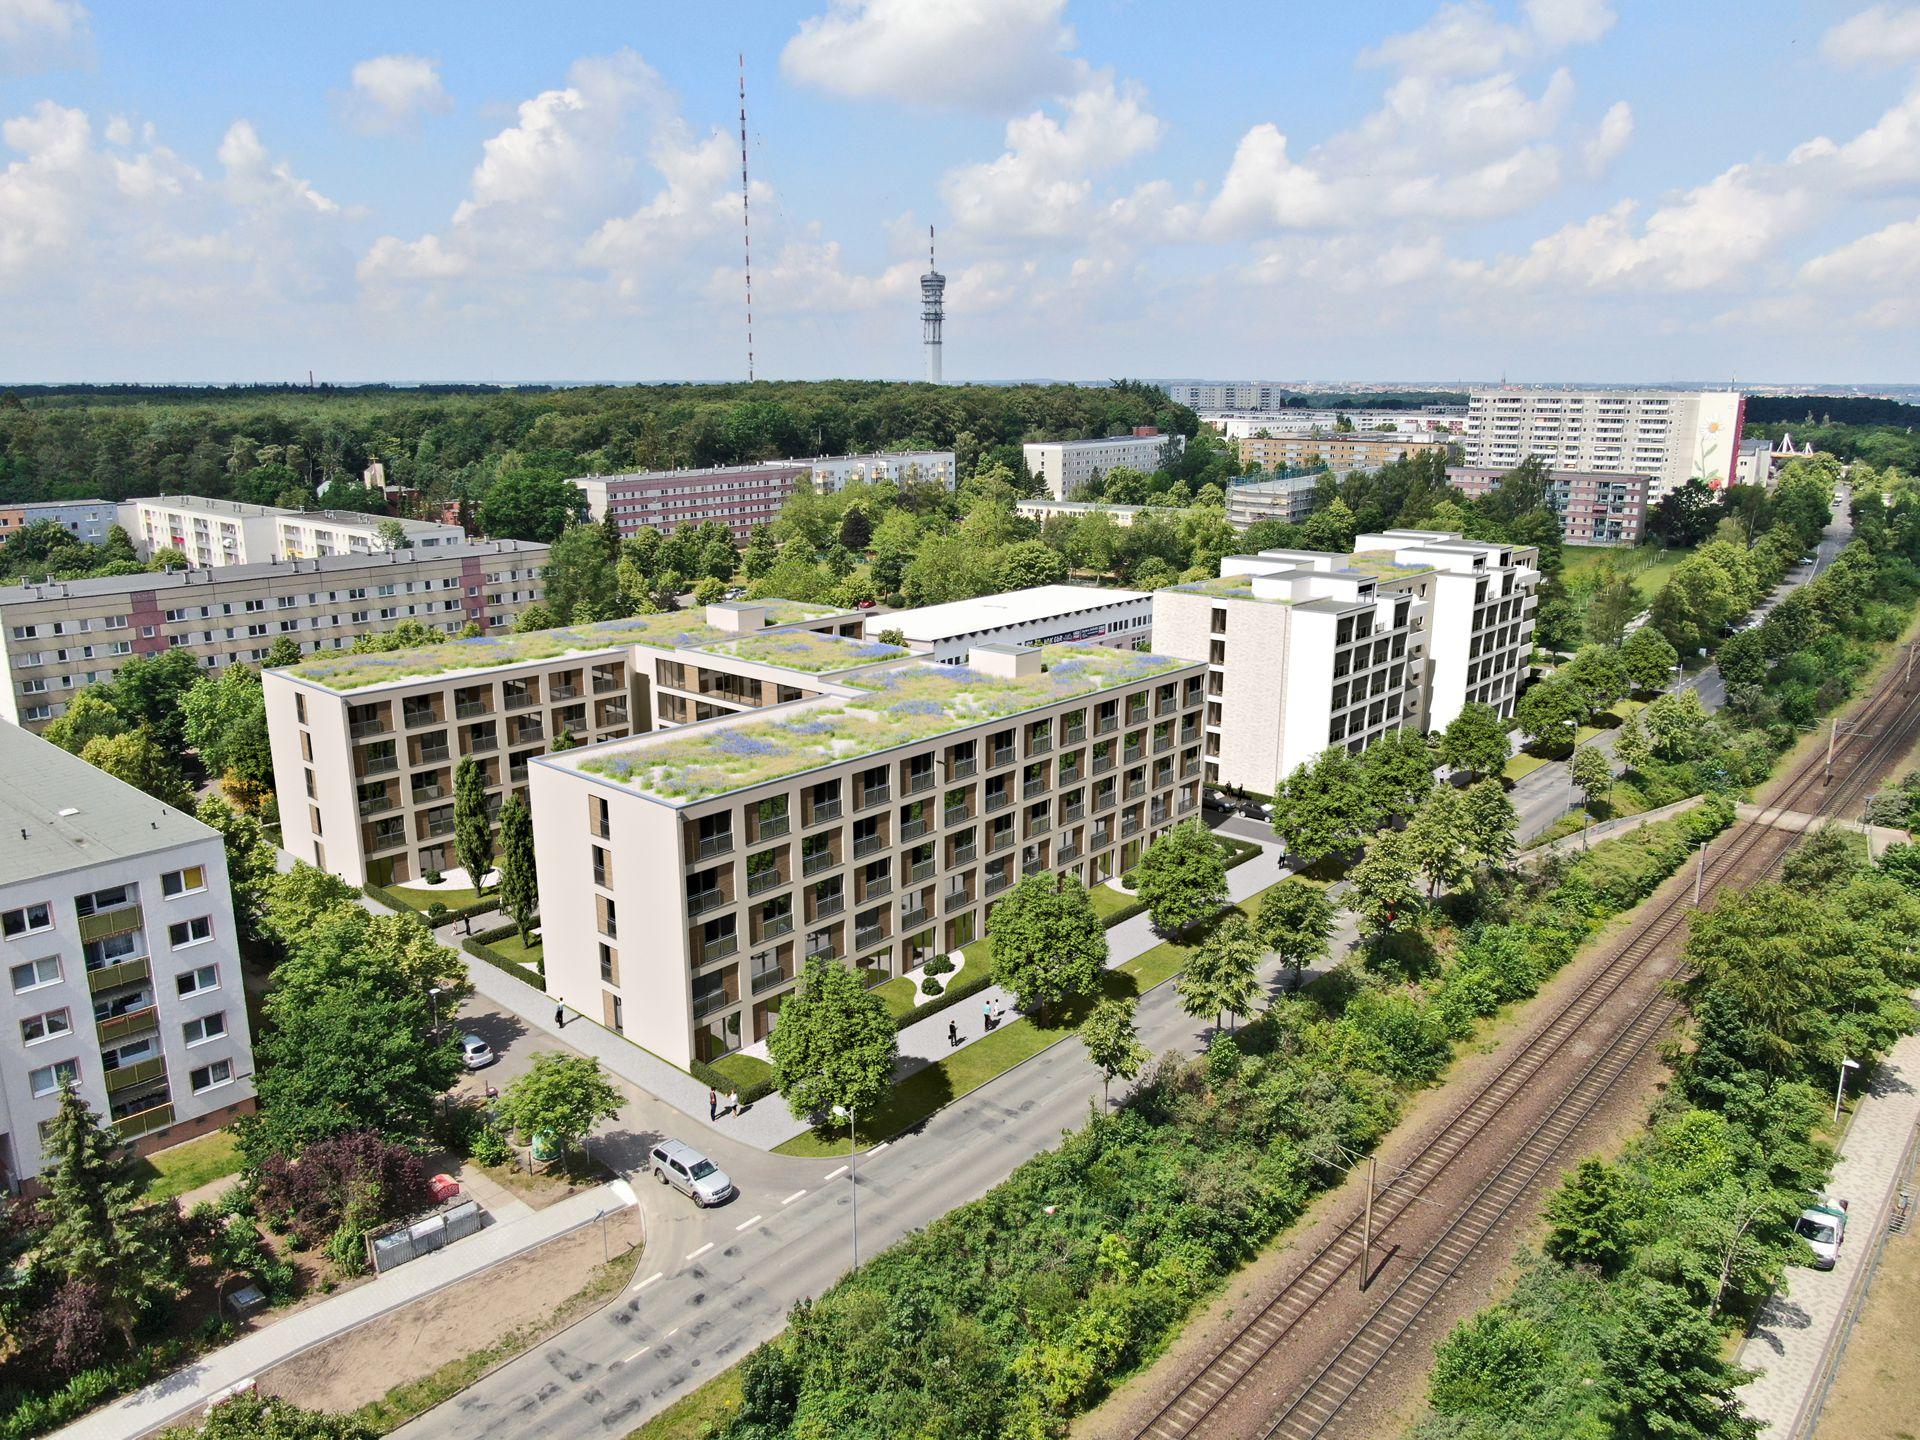 3D Visualisierung Baulandentwicklung Berlin Schwerin